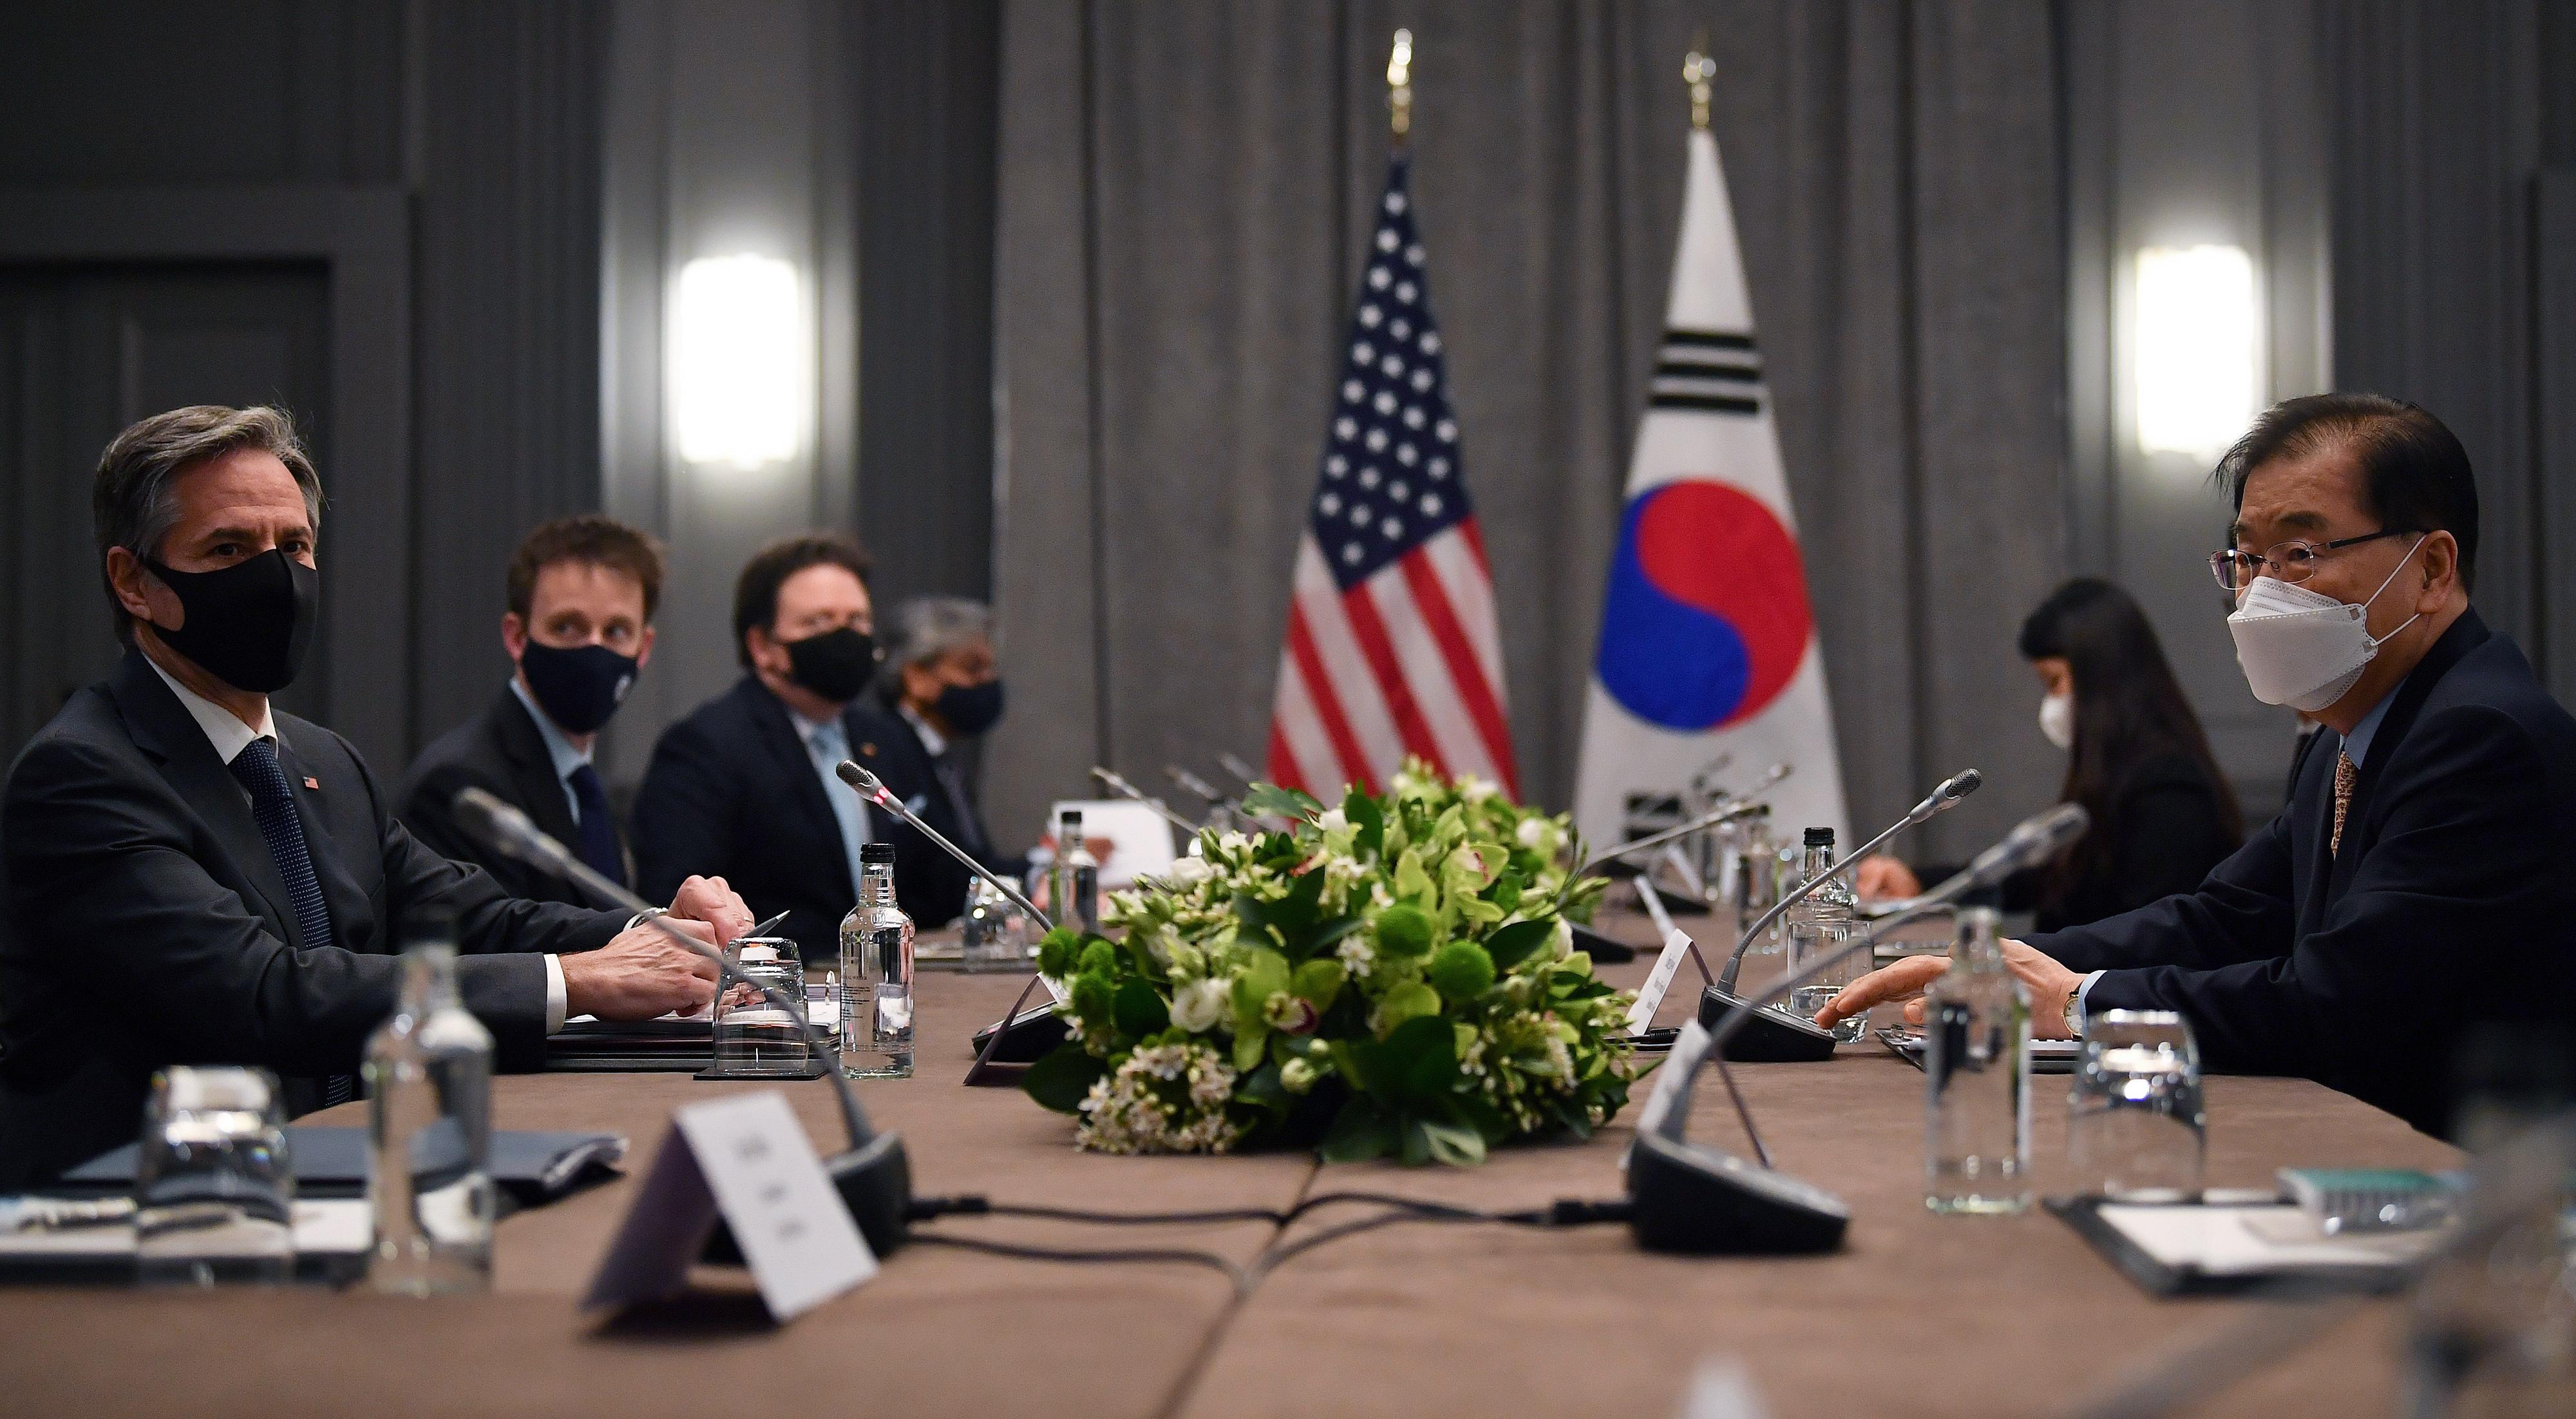 EEUU presenta al G7 su nueva estrategia con Corea del Norte | Internacional